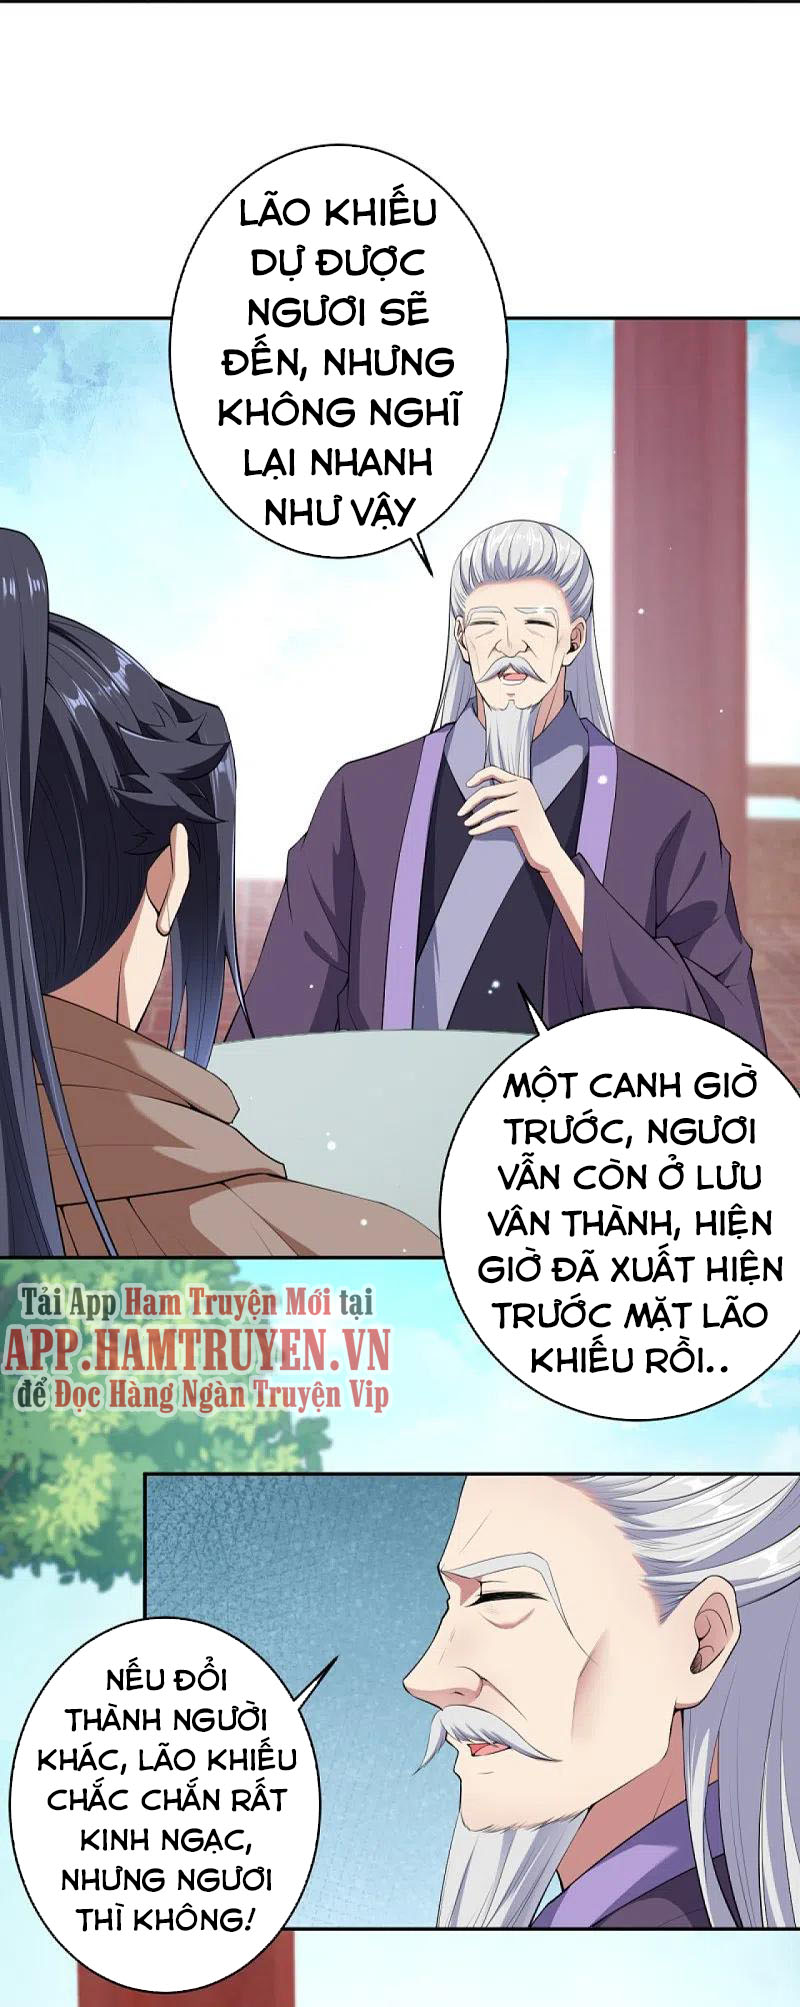 Nghịch Thiên Tà Thần Chương 401 - Vcomic.net